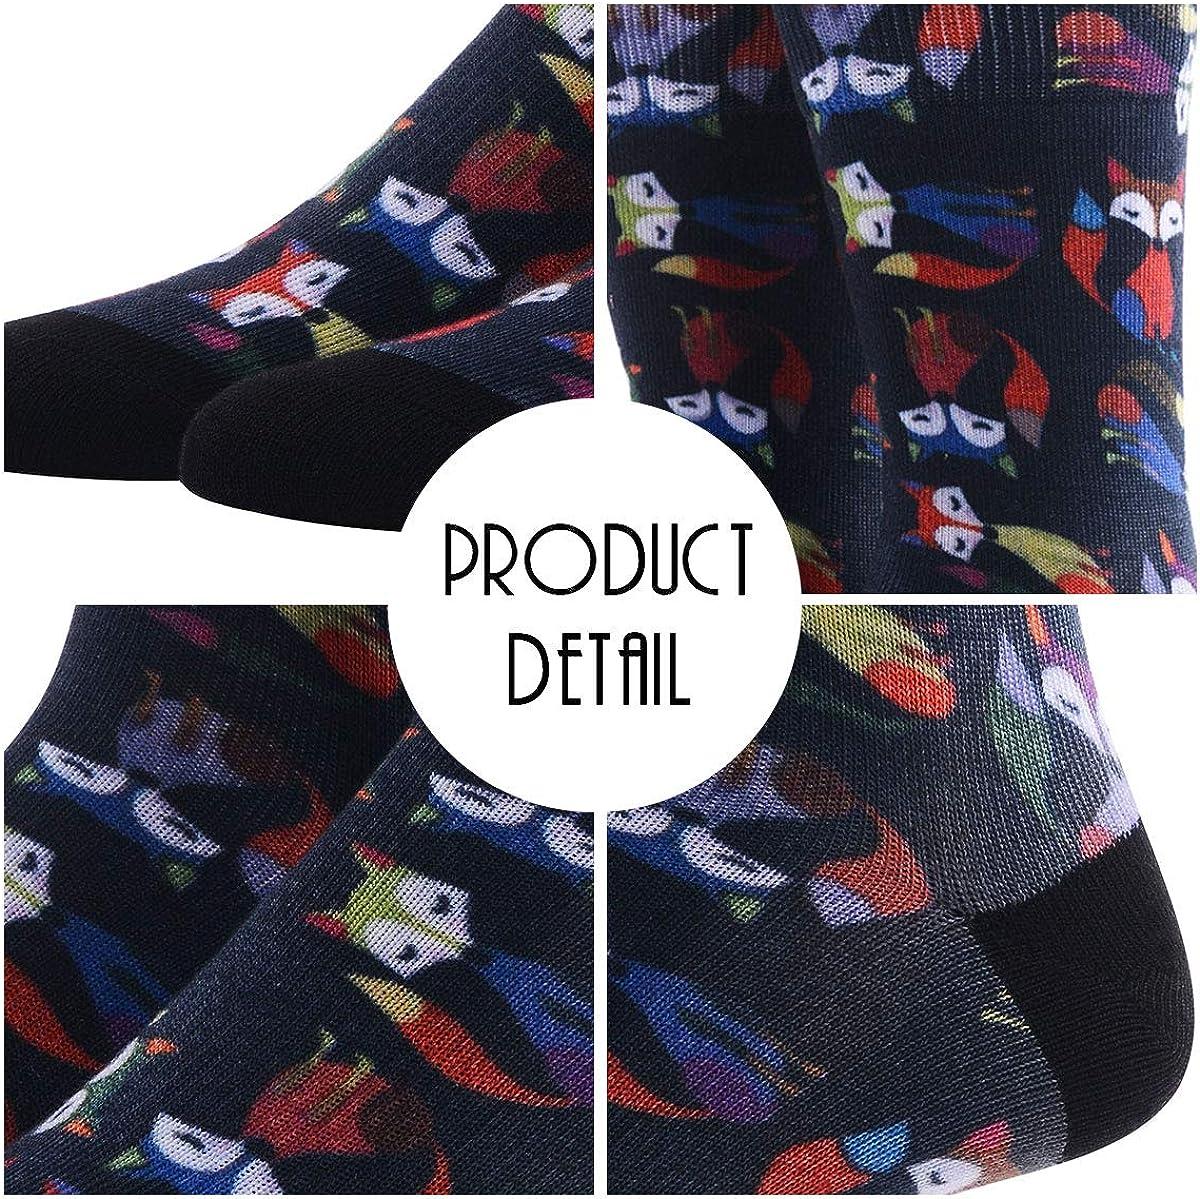 4 5 Mens Novelty Socks 6 Pairs MEIKAN Digital Printing Funky Patterned Crew Socks 3